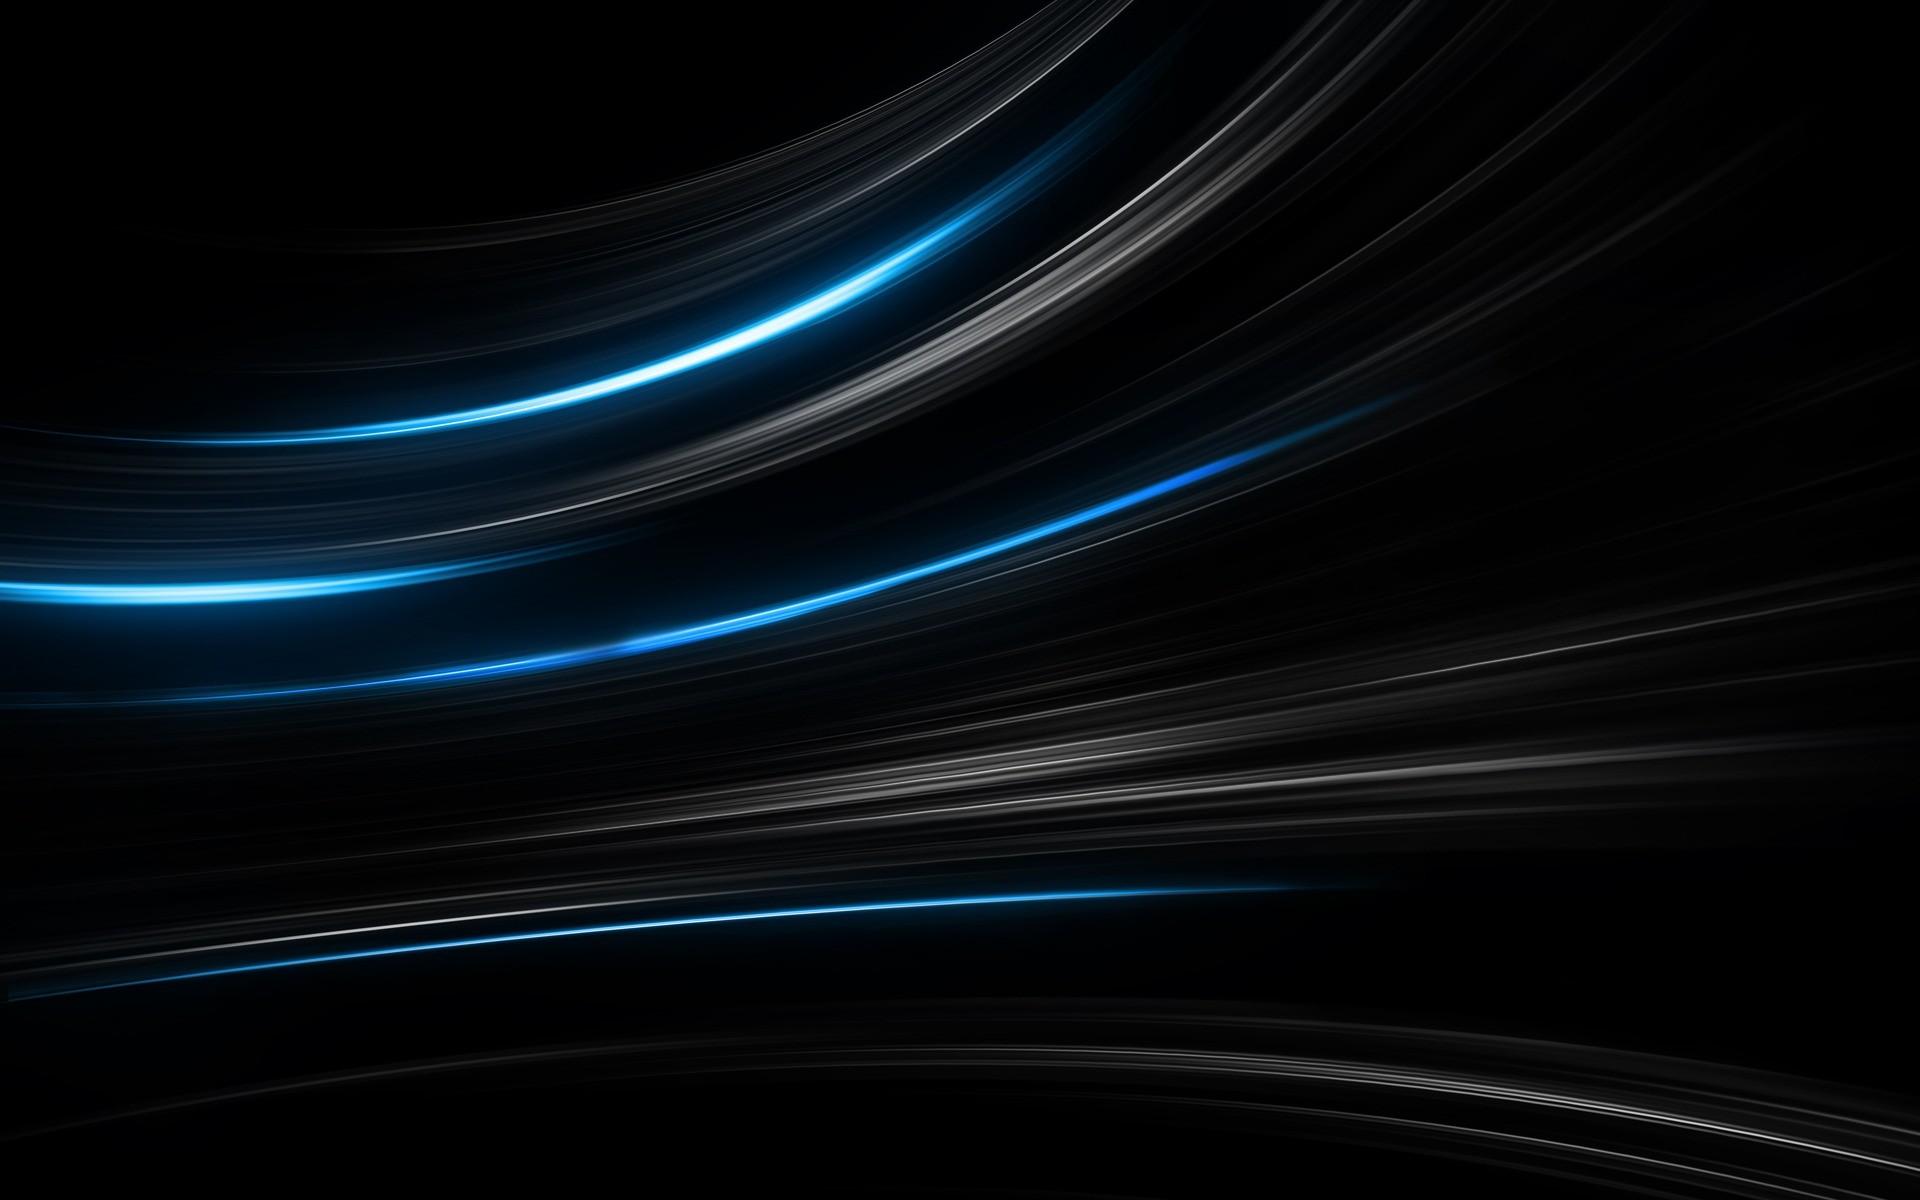 Blue Light Blaze Wallpaper Abstract 3D